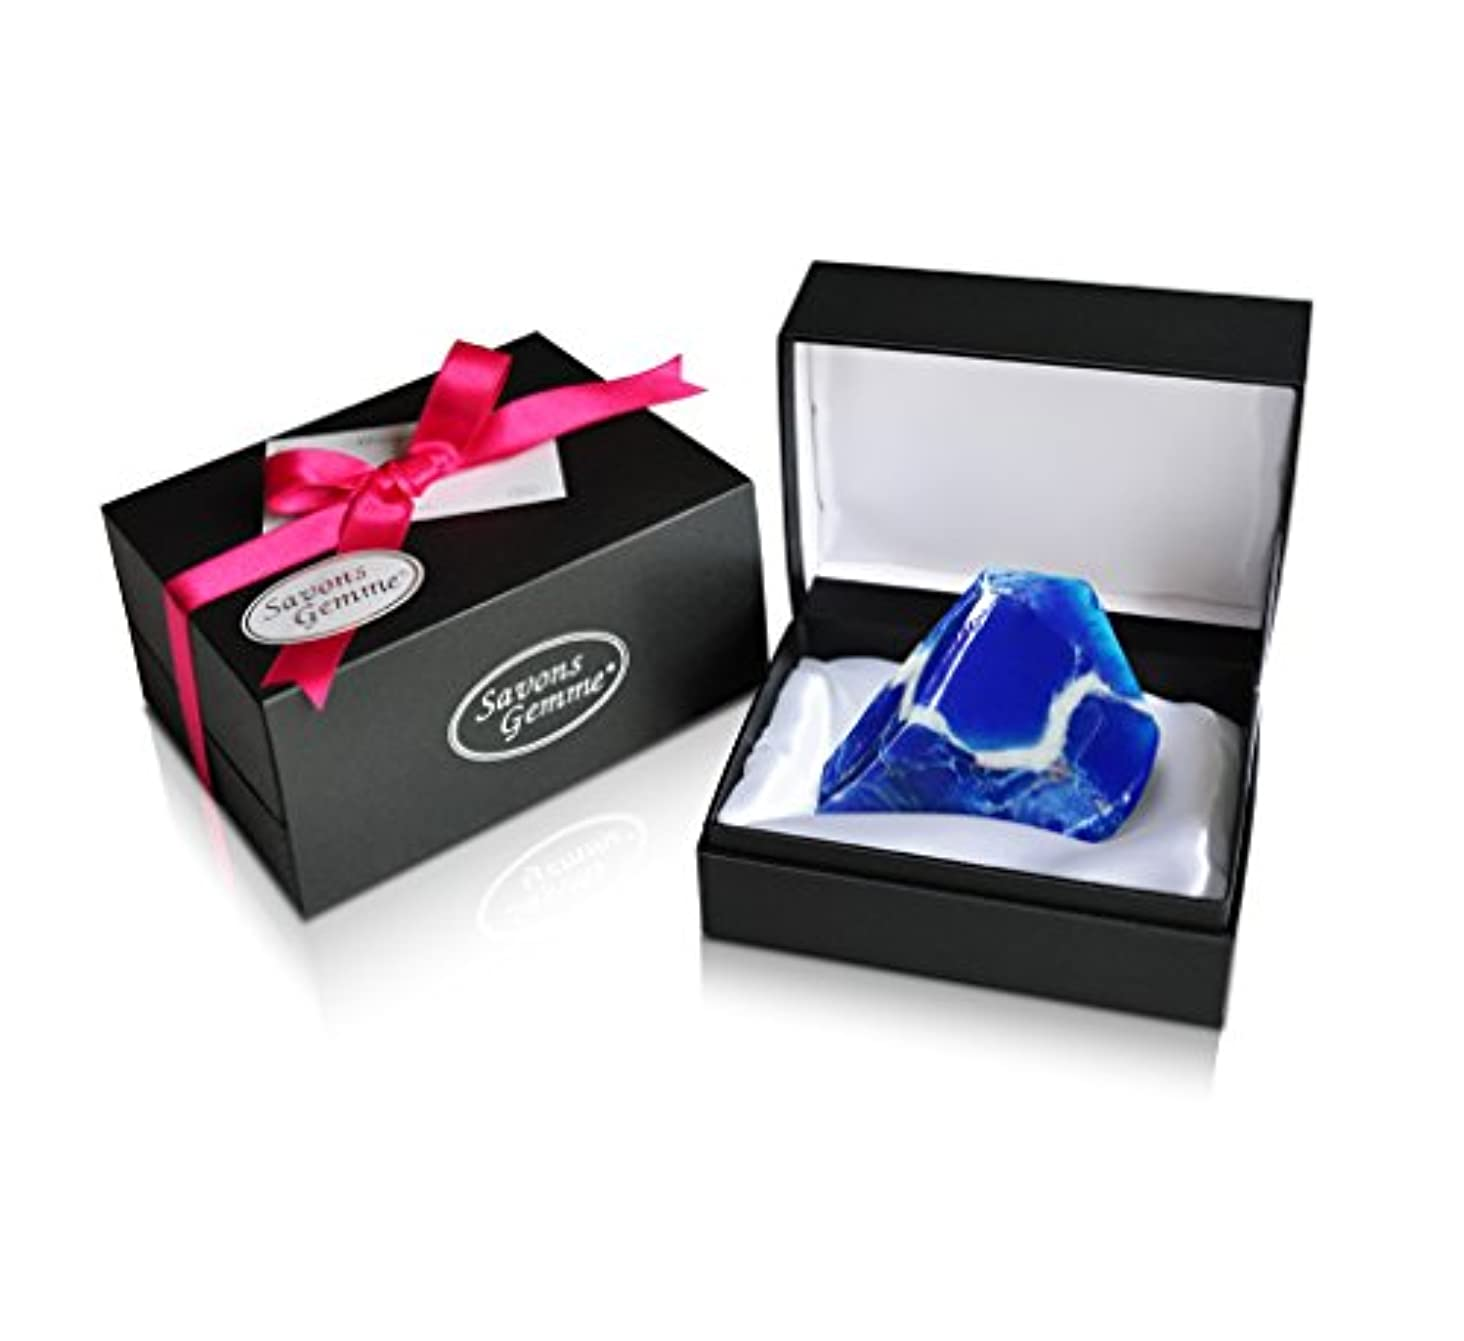 肉屋データベース絶滅させるSavons Gemme サボンジェム ジュエリーギフトボックス 世界で一番美しい宝石石鹸 フレグランス ソープ ラピスラズリィ 170g